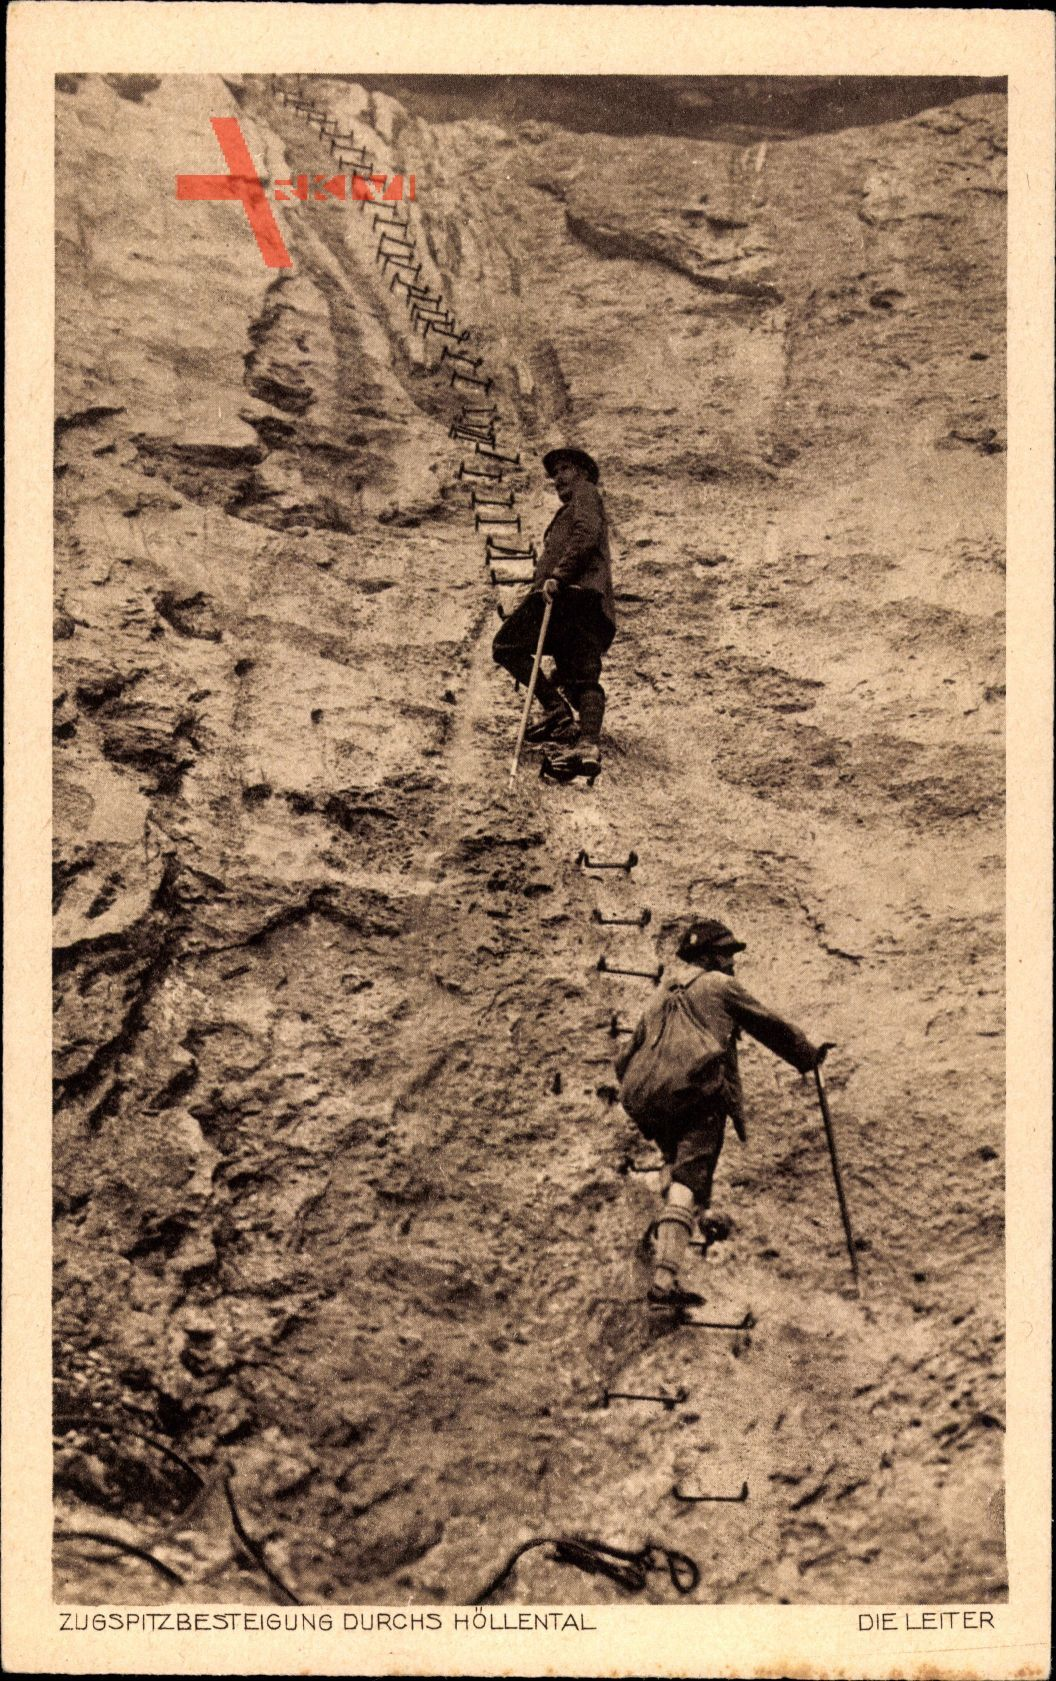 Zugspitzbesteigung durch das Höllental, Bergsteiger, Steile Felswand